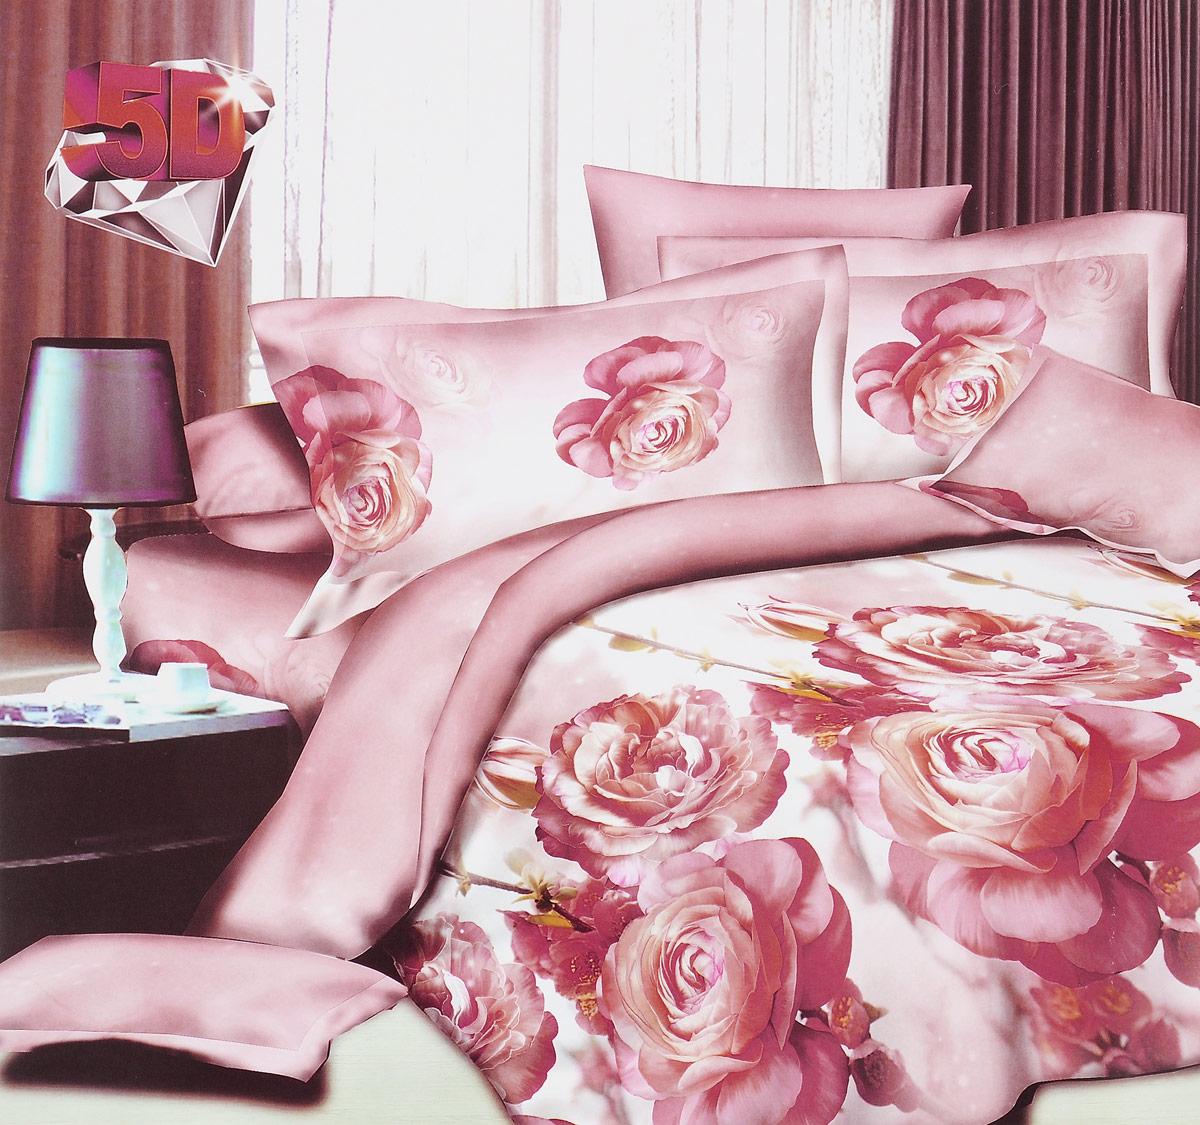 Комплект белья ЭГО Южная Роза, 2-спальный, наволочки 70x70Д Дачно-Деревенский 20Комплект белья ЭГО Южная Роза выполнен из полисатина (50% хлопка, 50% полиэстера). Комплект состоит из пододеяльника, простыни и двух наволочек. Постельное белье имеет изысканный внешний вид и яркую цветовую гамму. Гладкая структура делает ткань приятной на ощупь, мягкой и нежной, при этом она прочная и хорошо сохраняет форму. Ткань легко гладится, не линяет и не садится. Приобретая комплект постельного белья ЭГО Южная Роза, вы можете быть уверенны в том, что покупка доставит вам и вашим близким удовольствие и подарит максимальный комфорт.